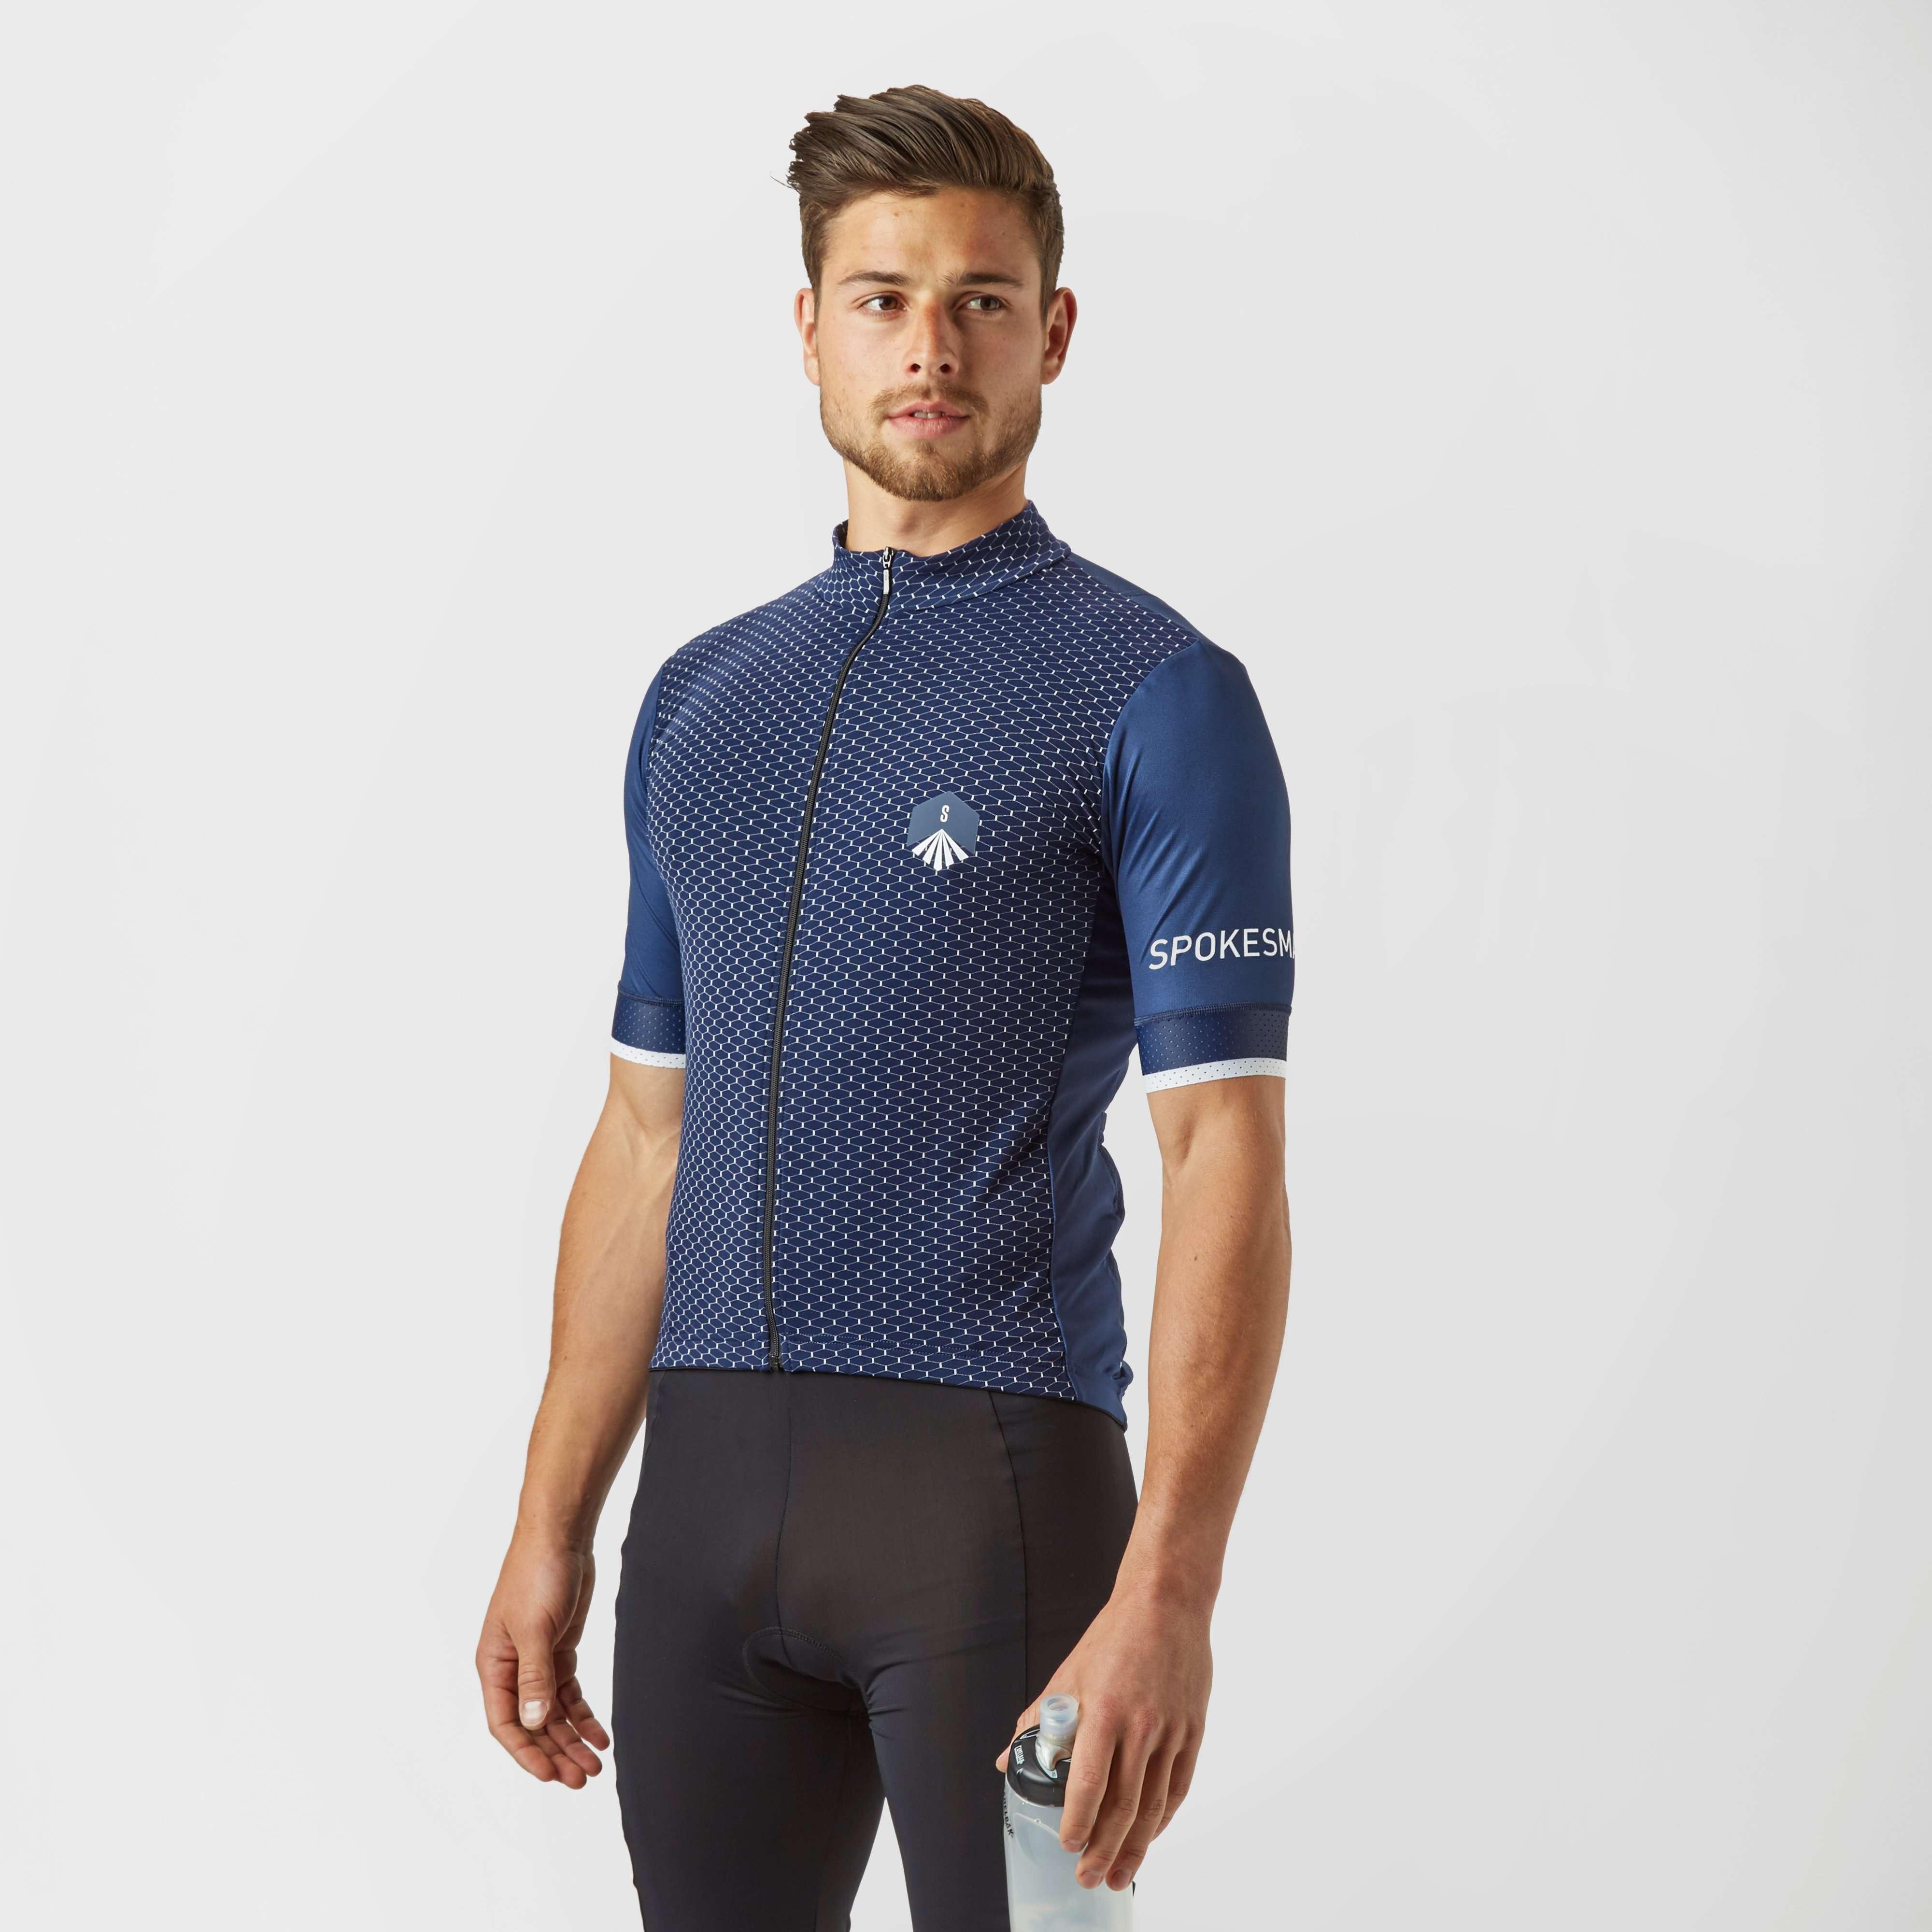 SPOKESMAN Men's Champions Cycling Jersey